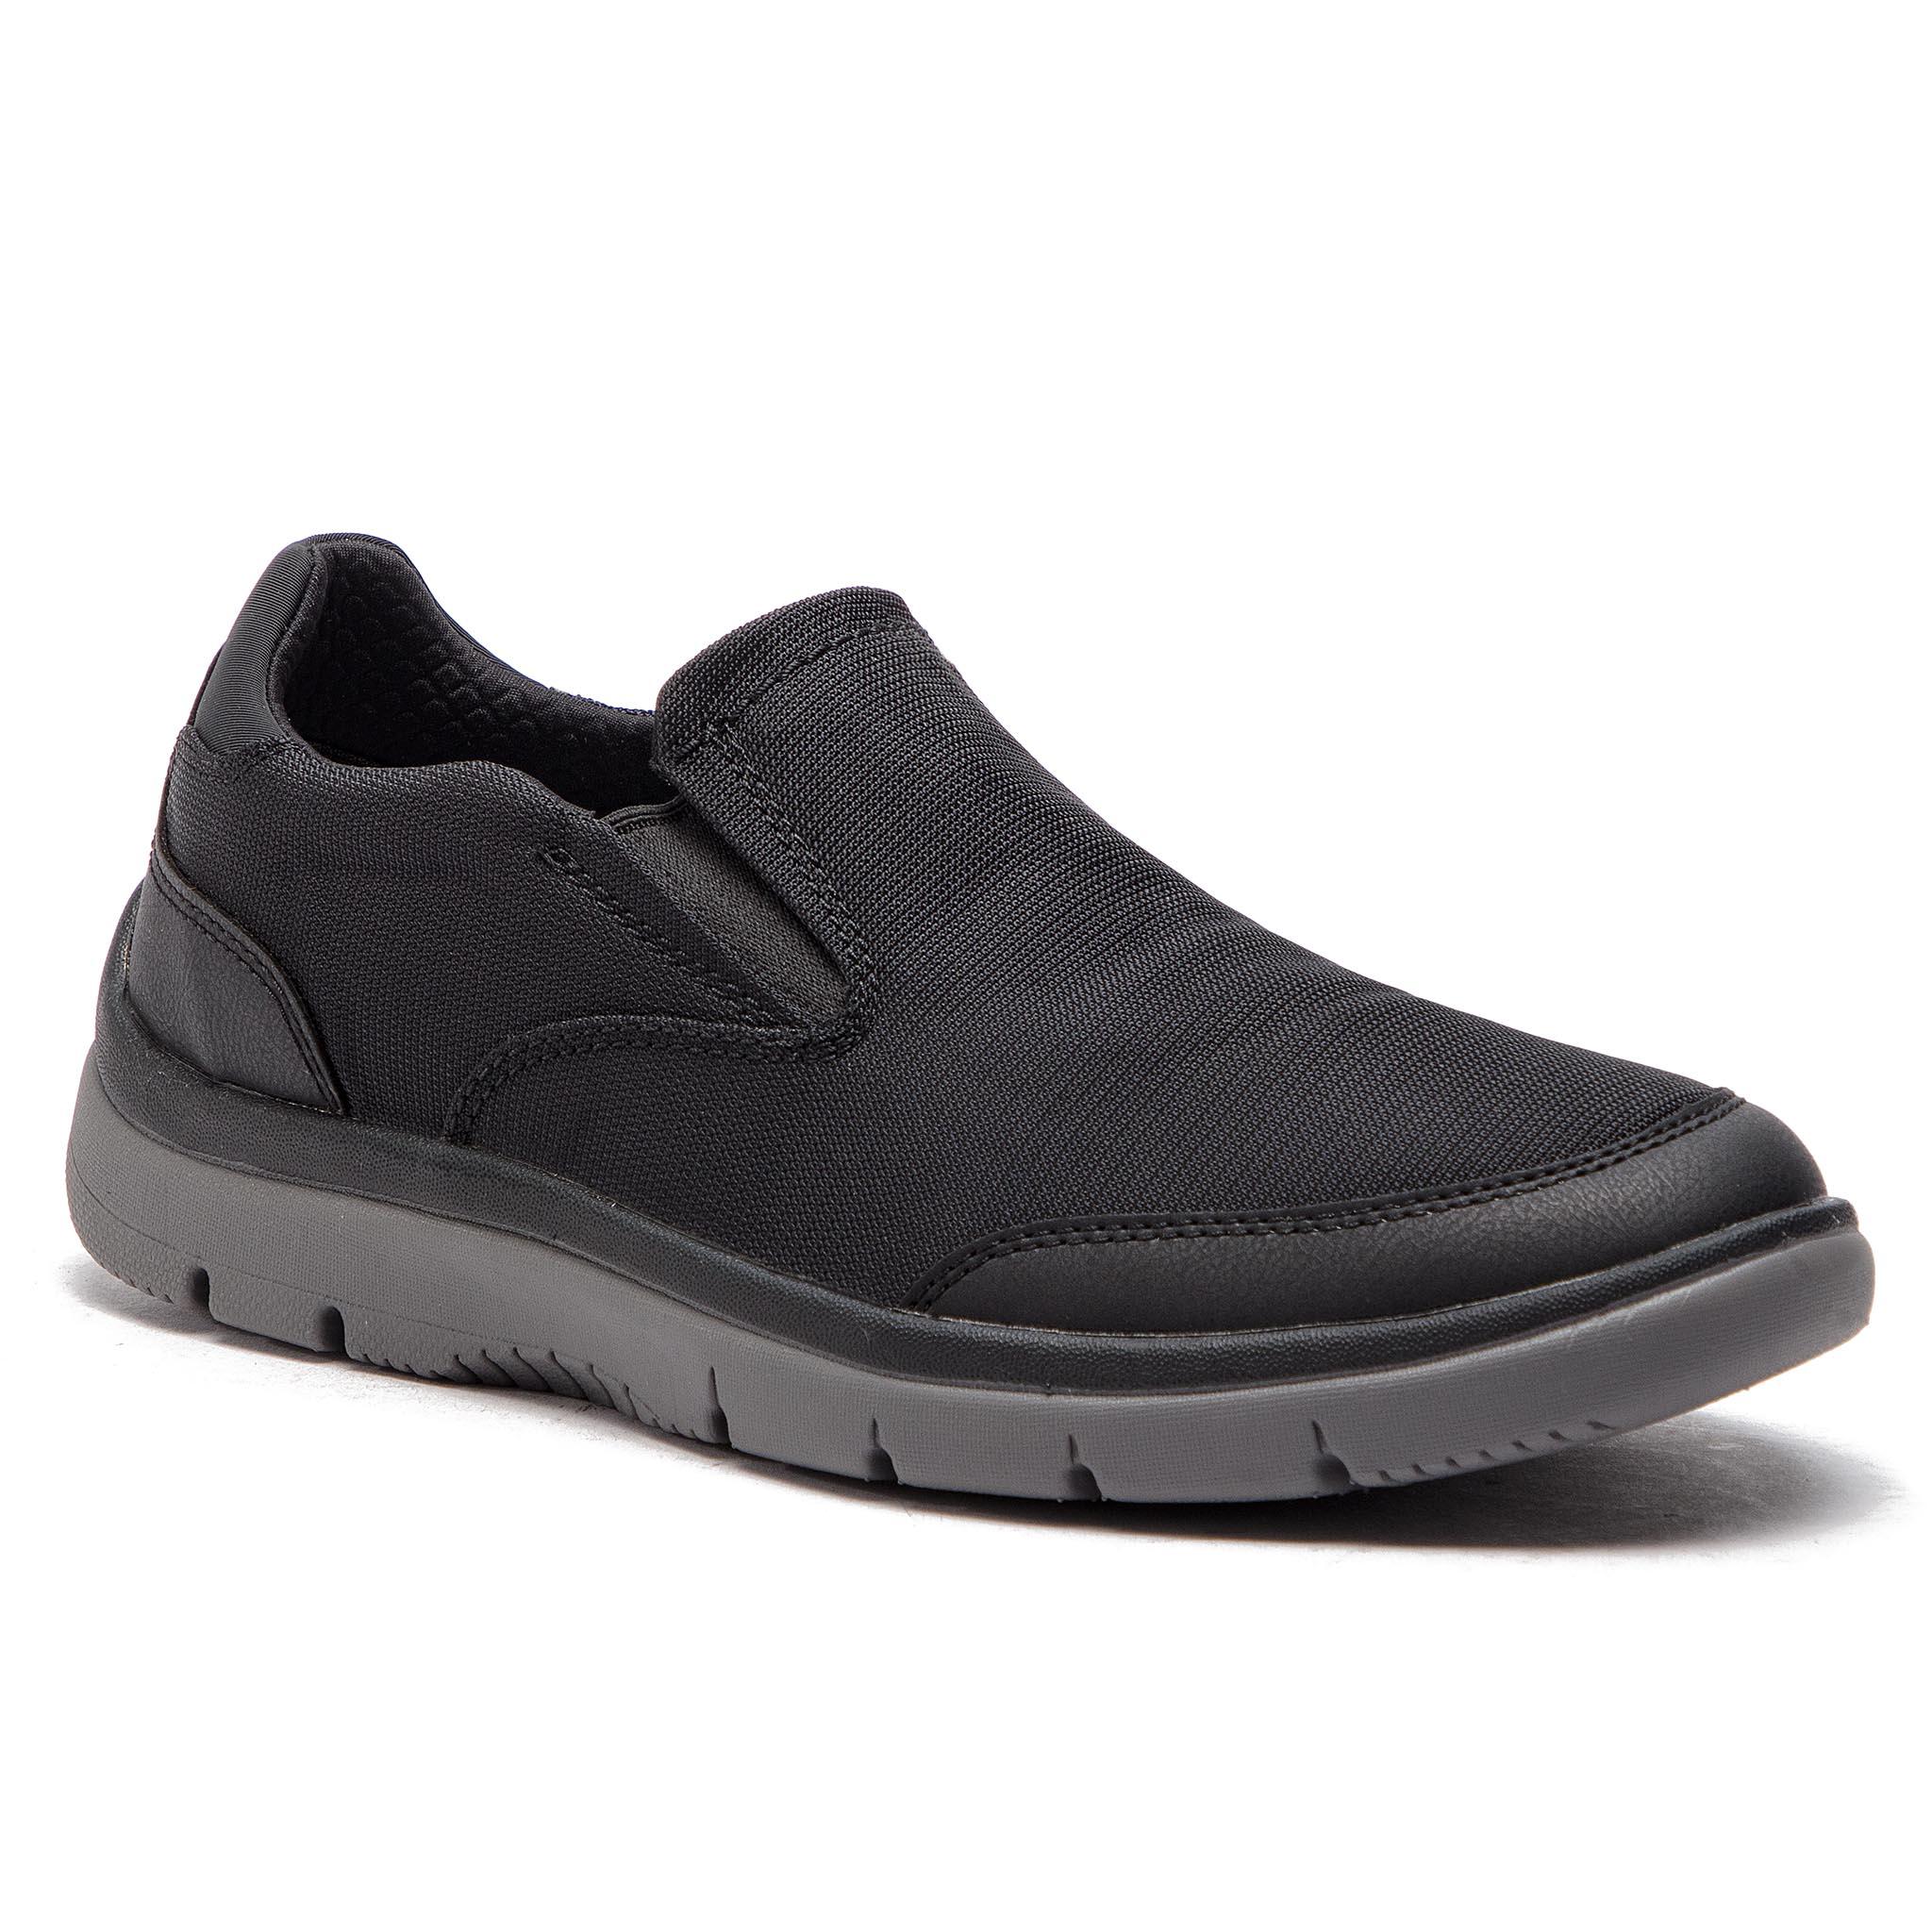 c5d646974d80 Shoes CLARKS - Unrhombus Go 261279617 Tan Nubuck - Casual - Low ...